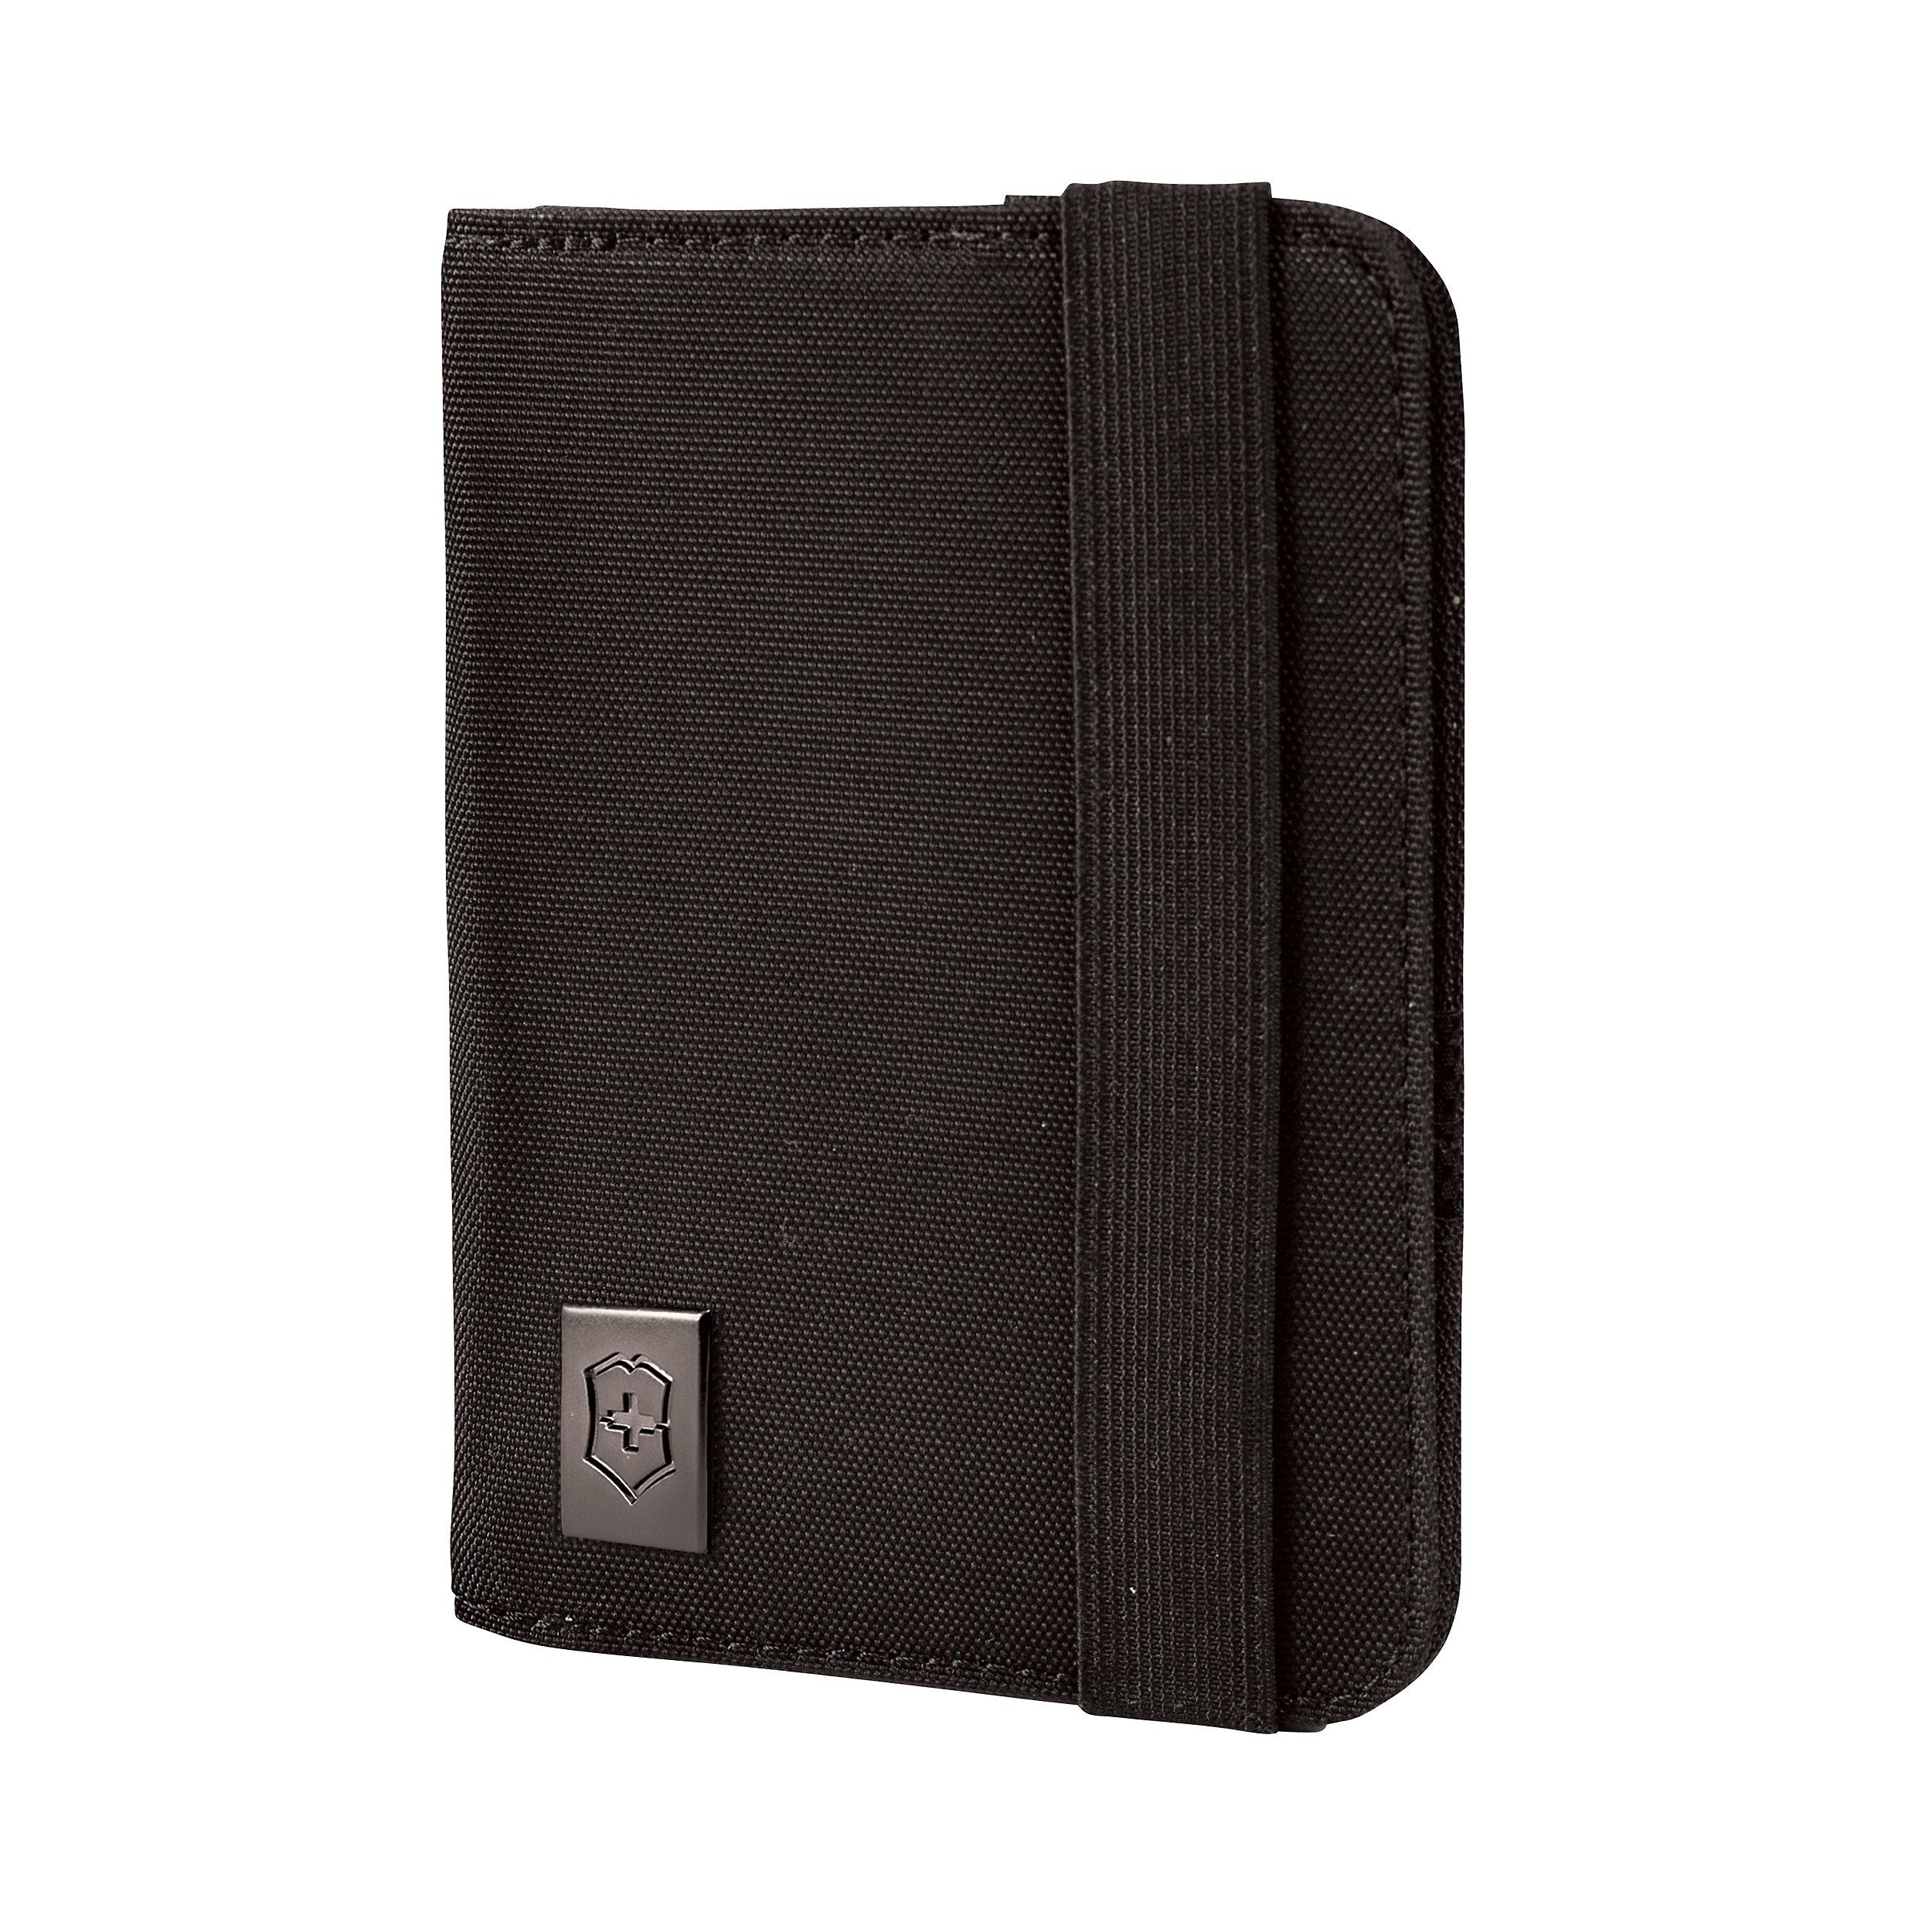 RFID-Schutzhülle für Pässe und Kreditkarten Lifestyle Accessories 4.0 L